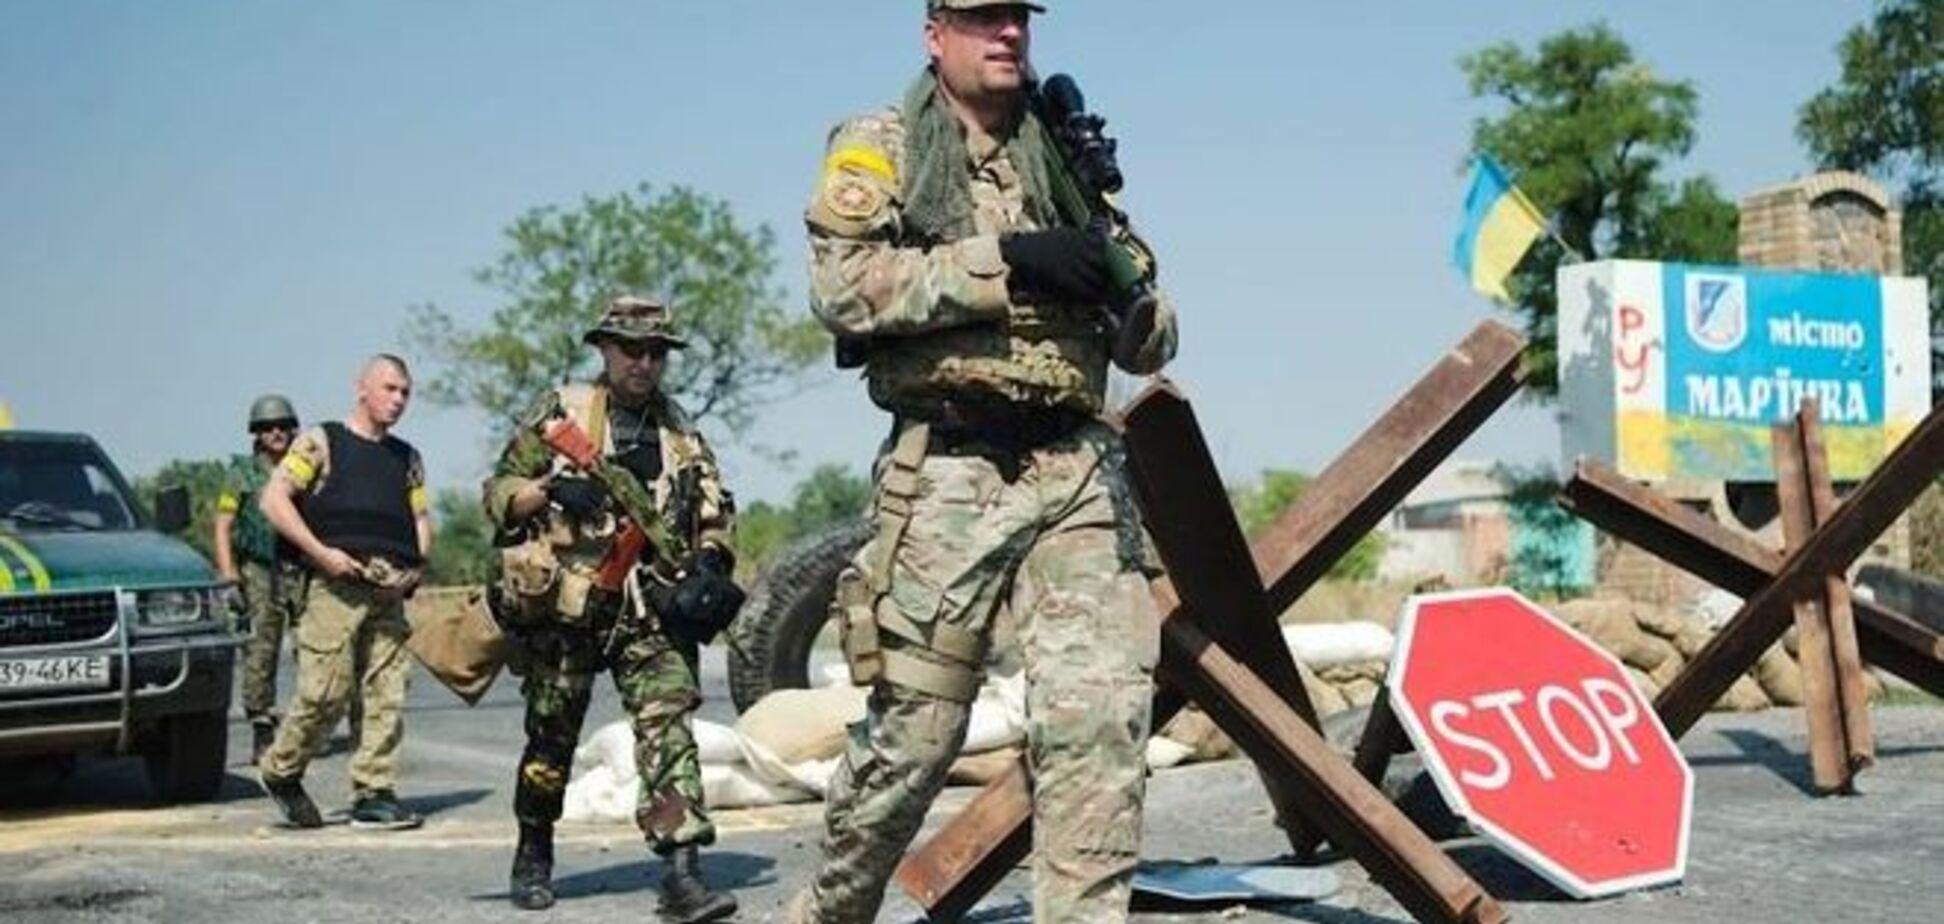 Снайпер 'Донбасса' после 9 месяцев плена террористов вырвался на свободу